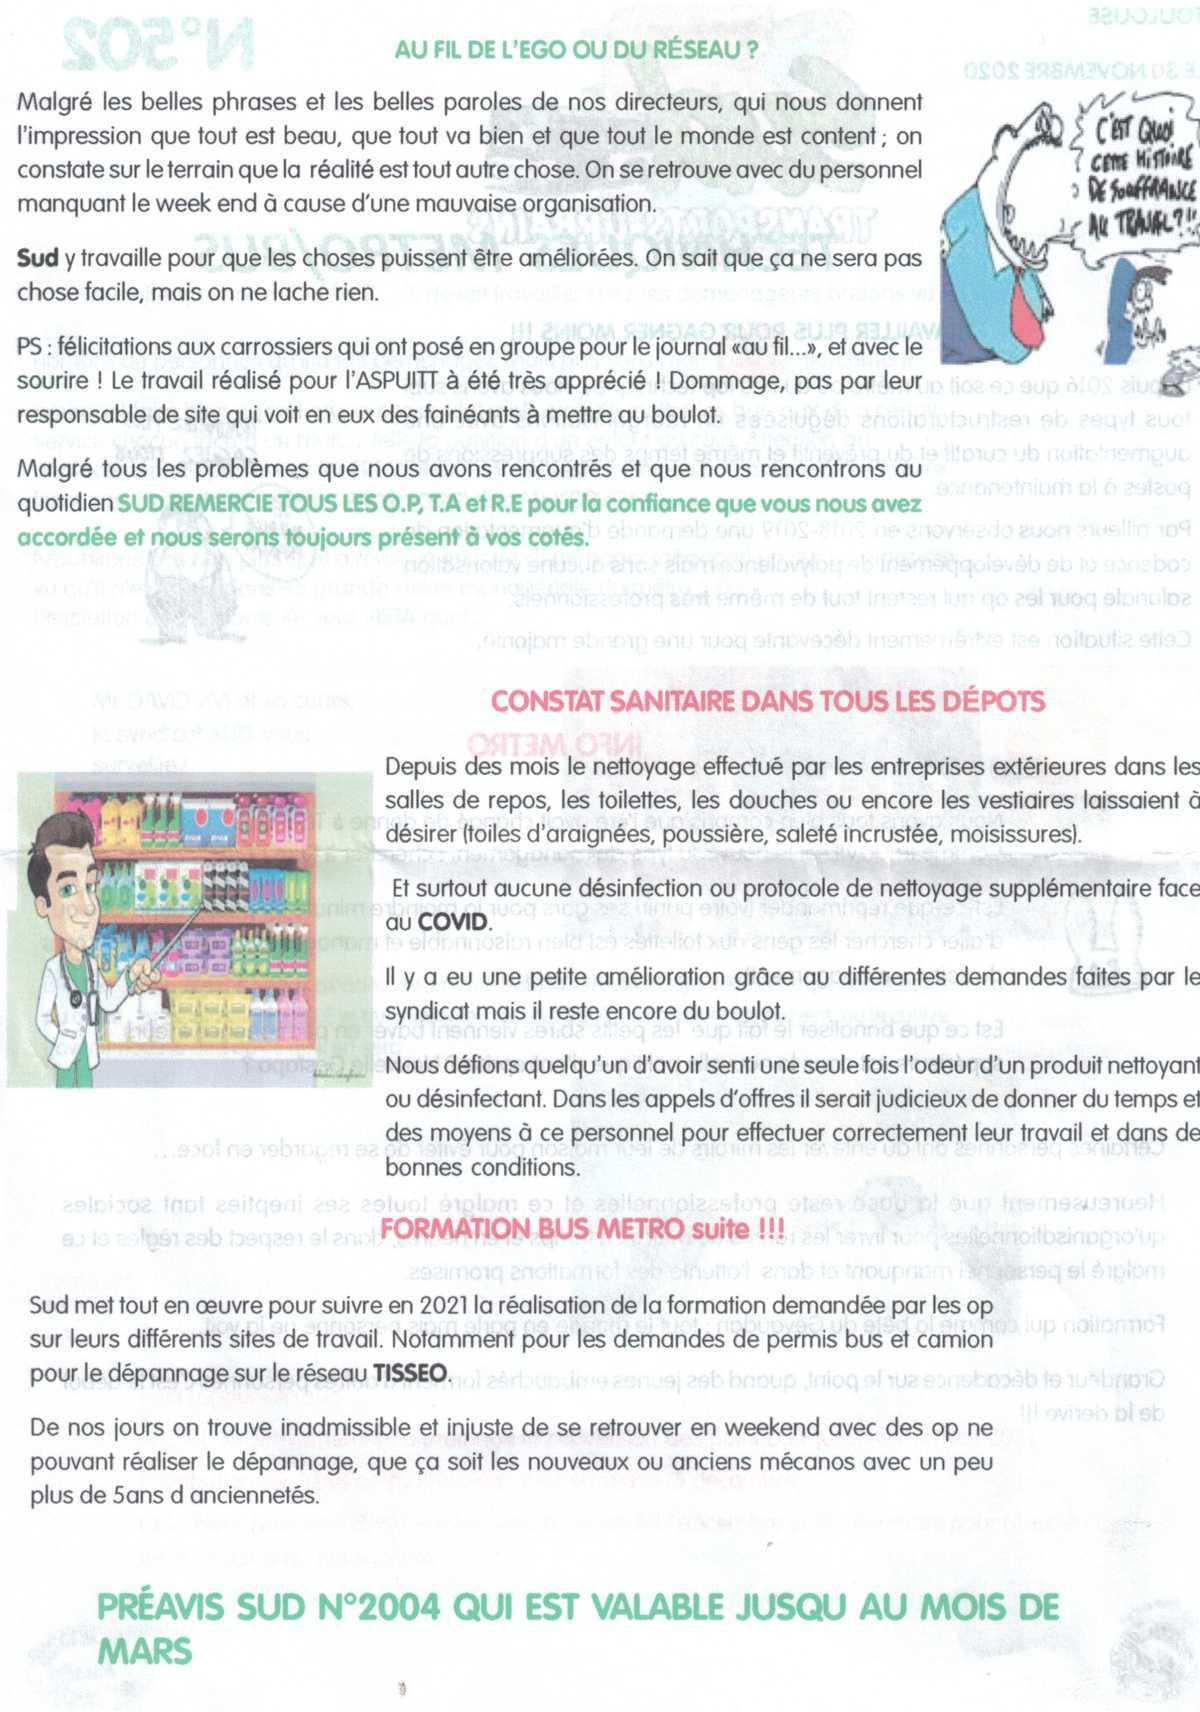 TISSEO tract spécial service maintenance metro et bus